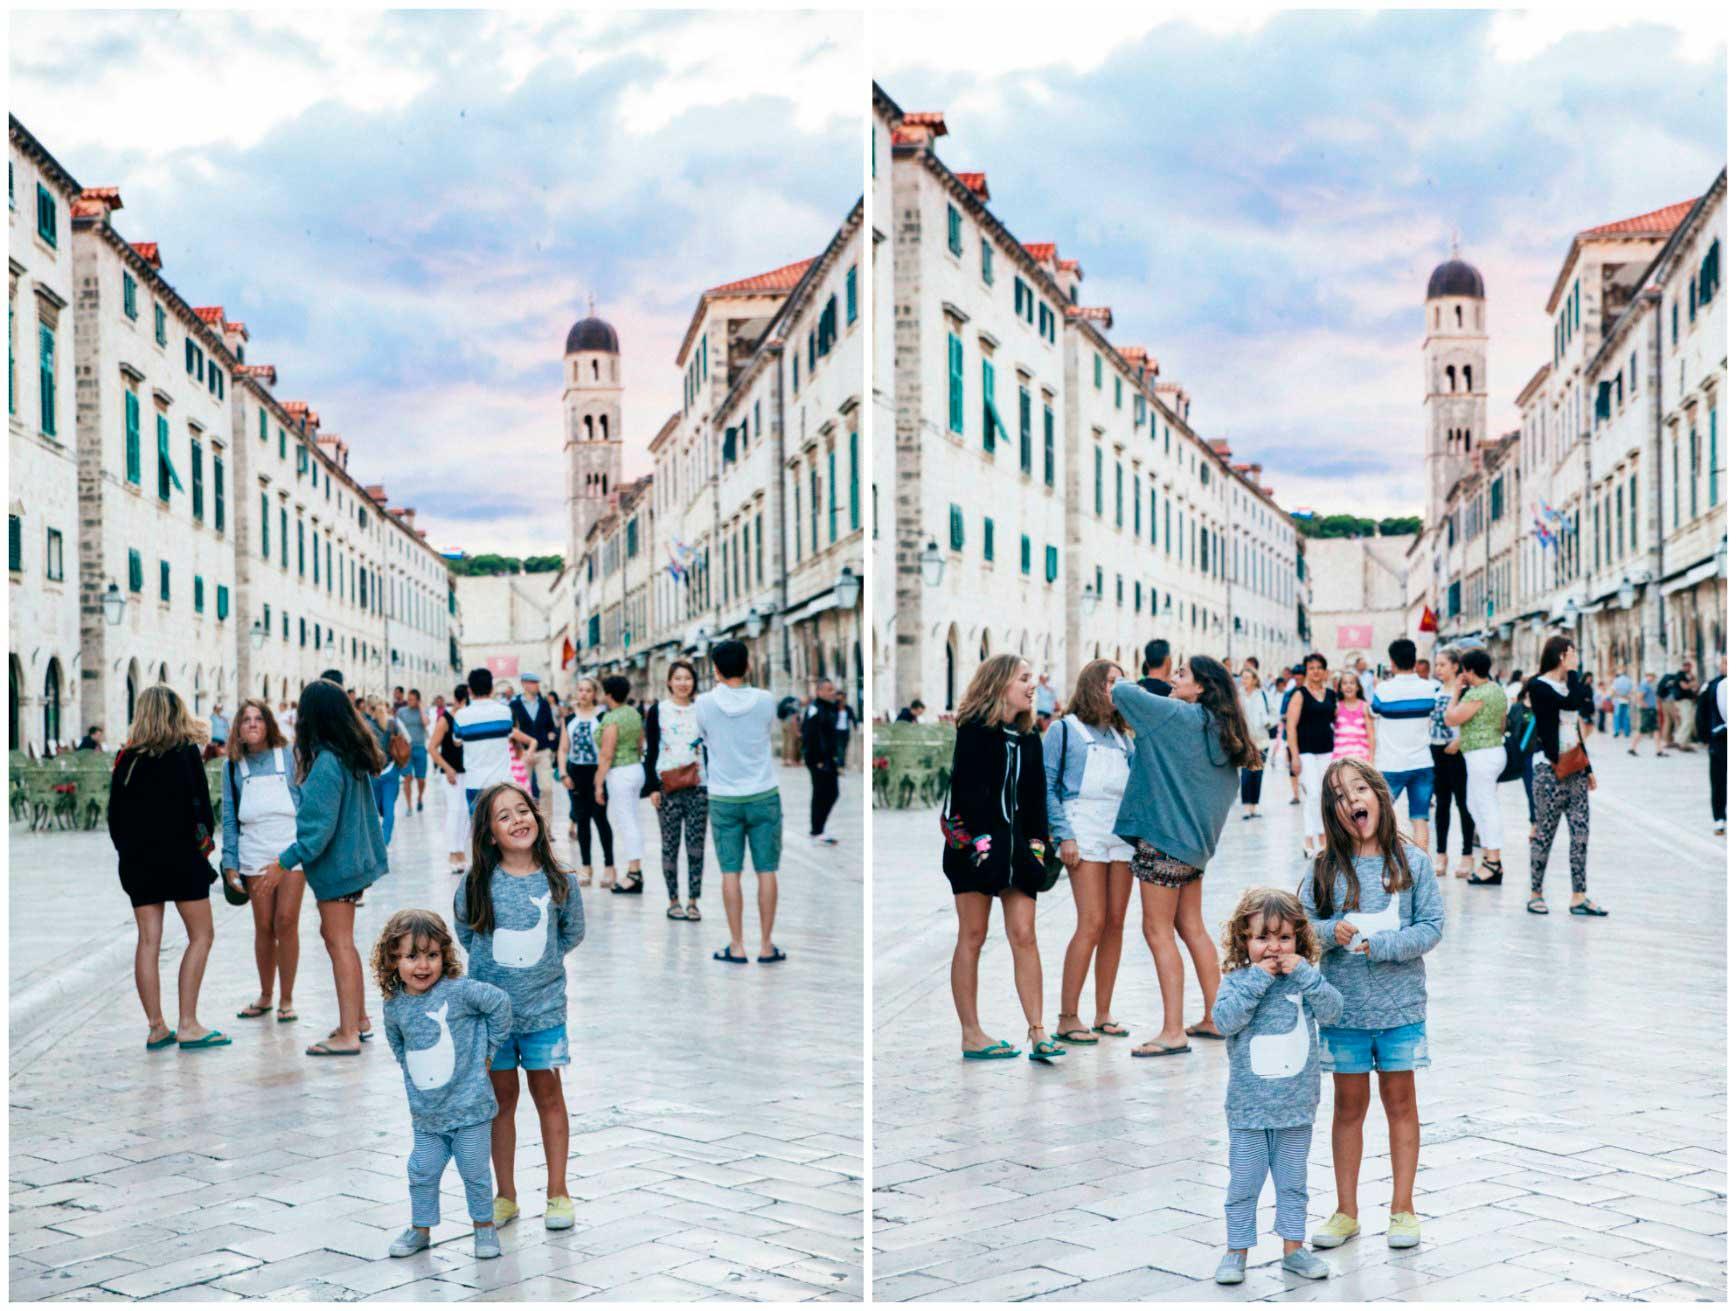 Dubrovnik-claraBmartin-01